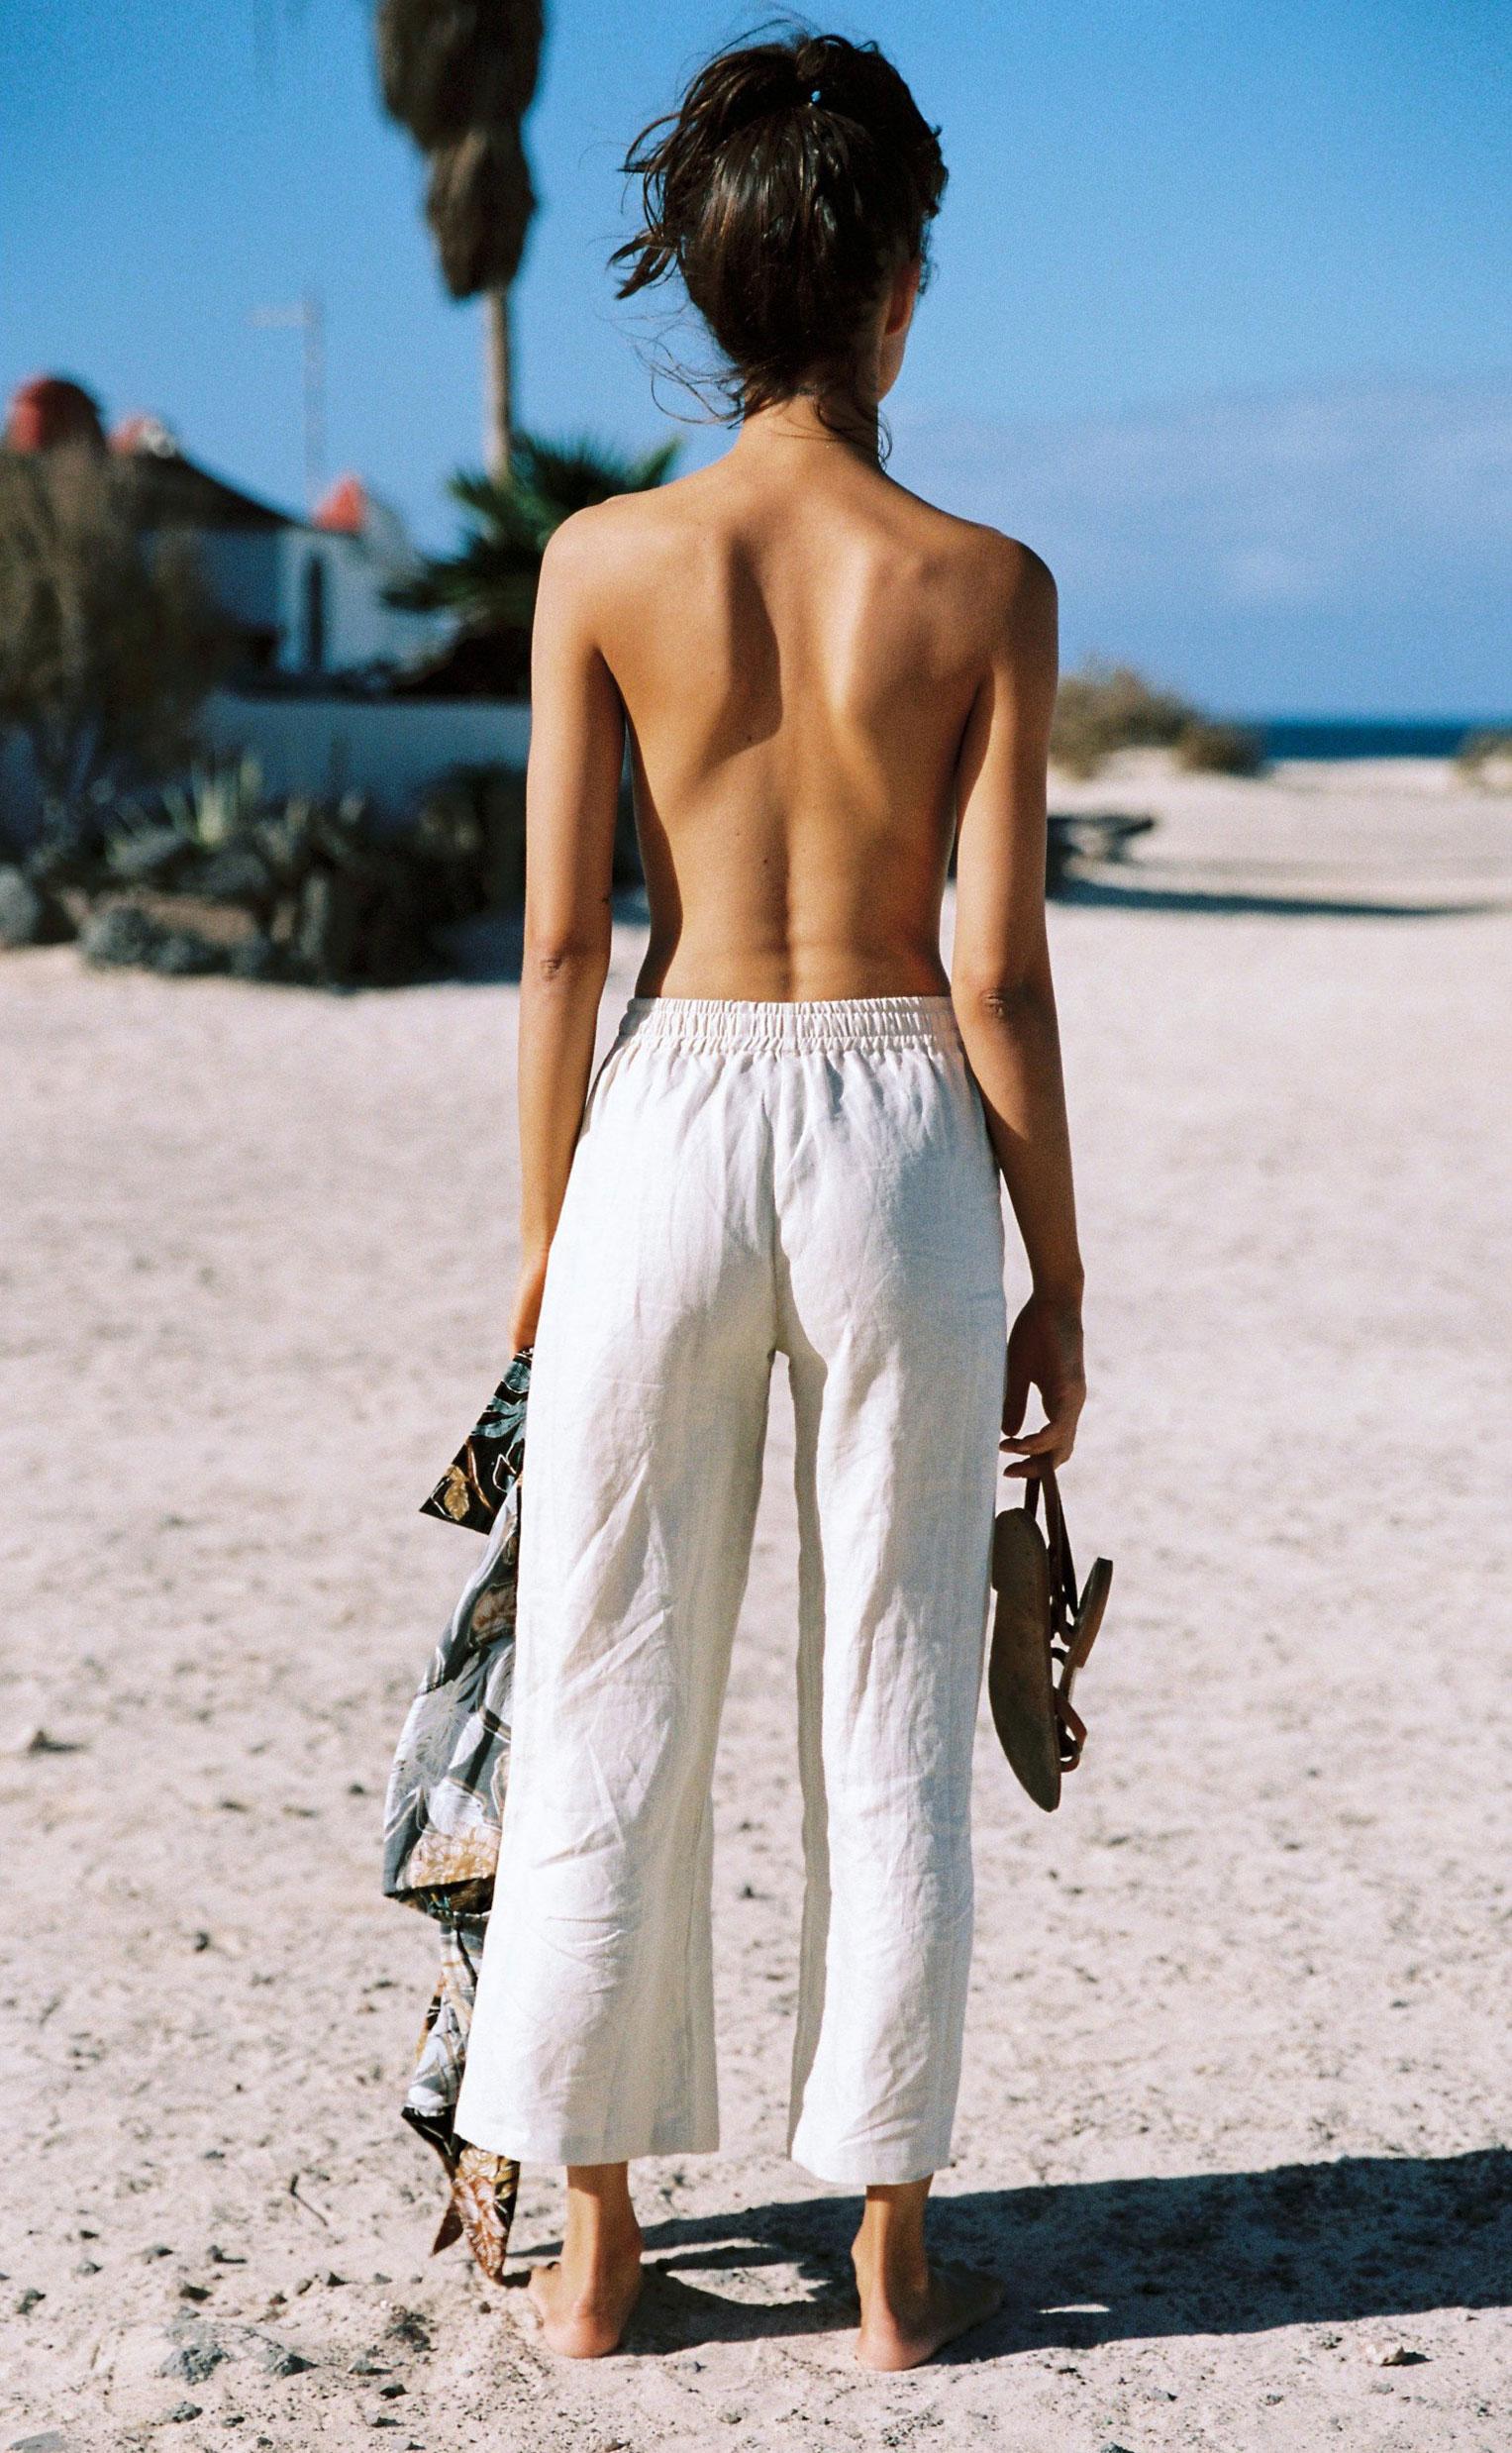 Коллекция купальников и пляжной одежды Faithfull the Brand, лето 2019 / фото 25